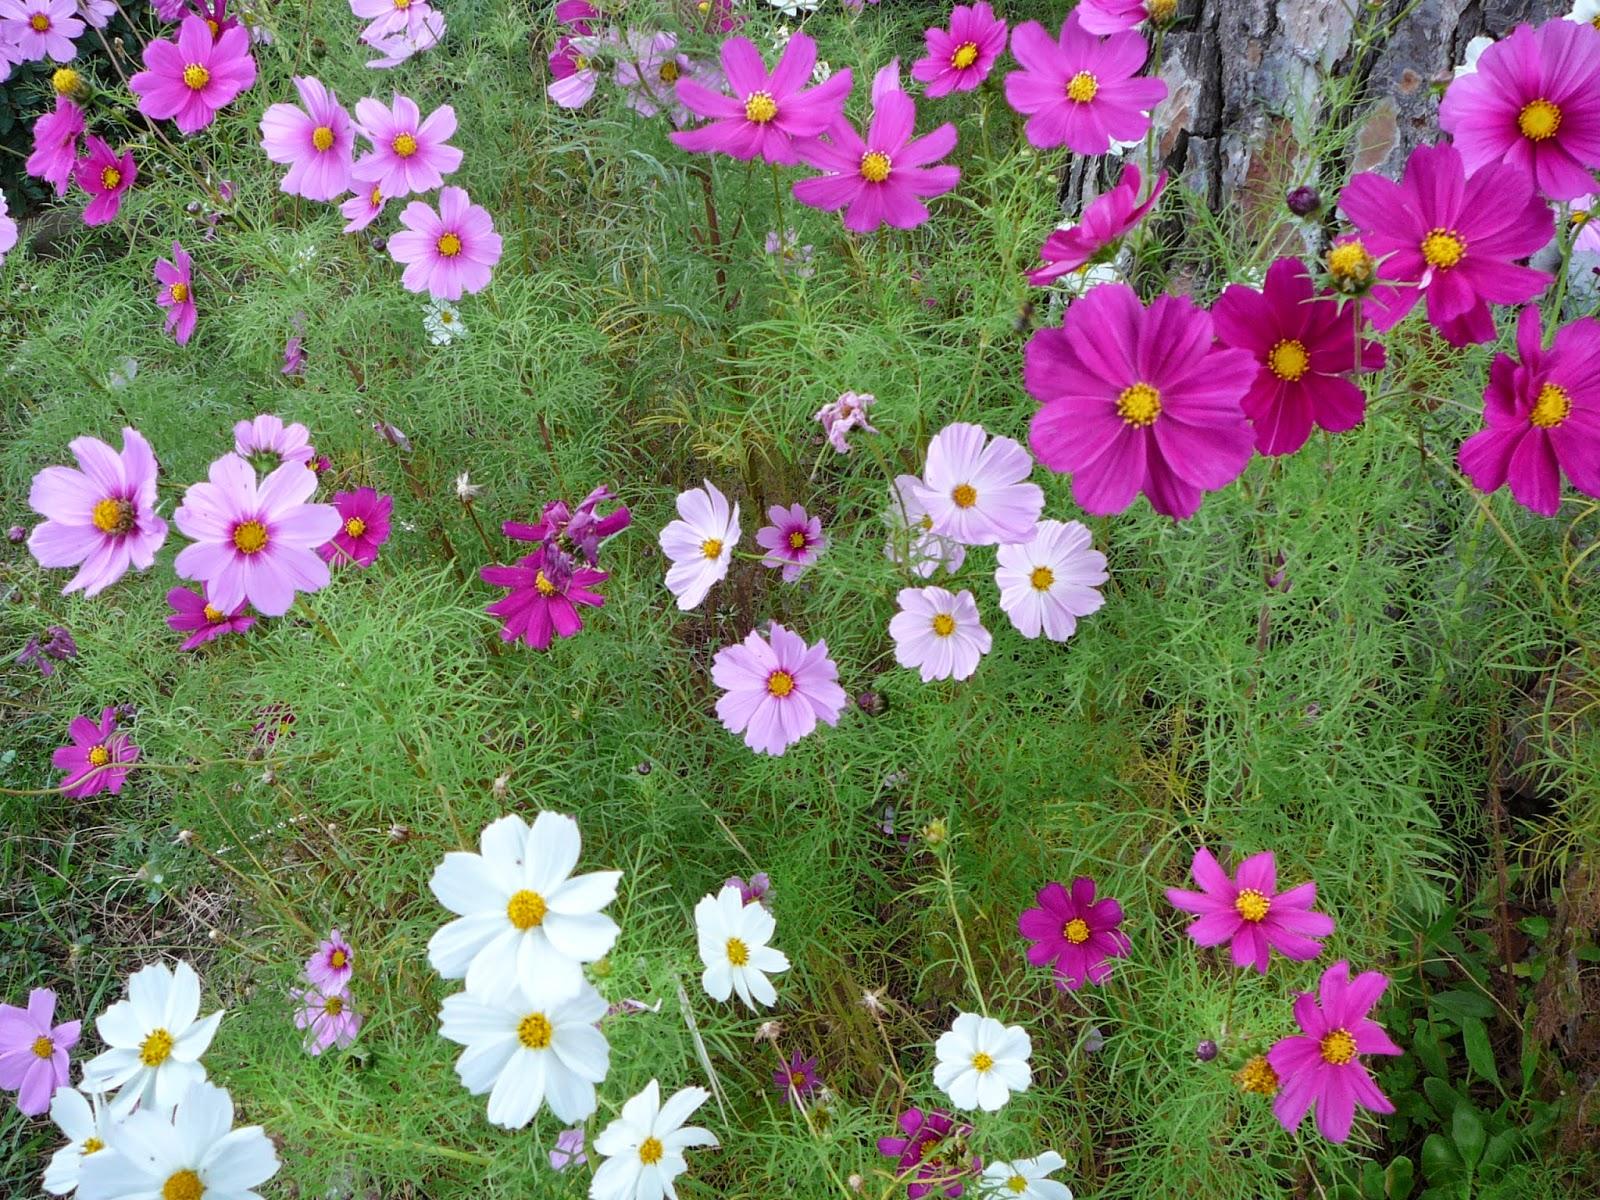 POTAGER SUR BUTTES: Les fleurs au potager